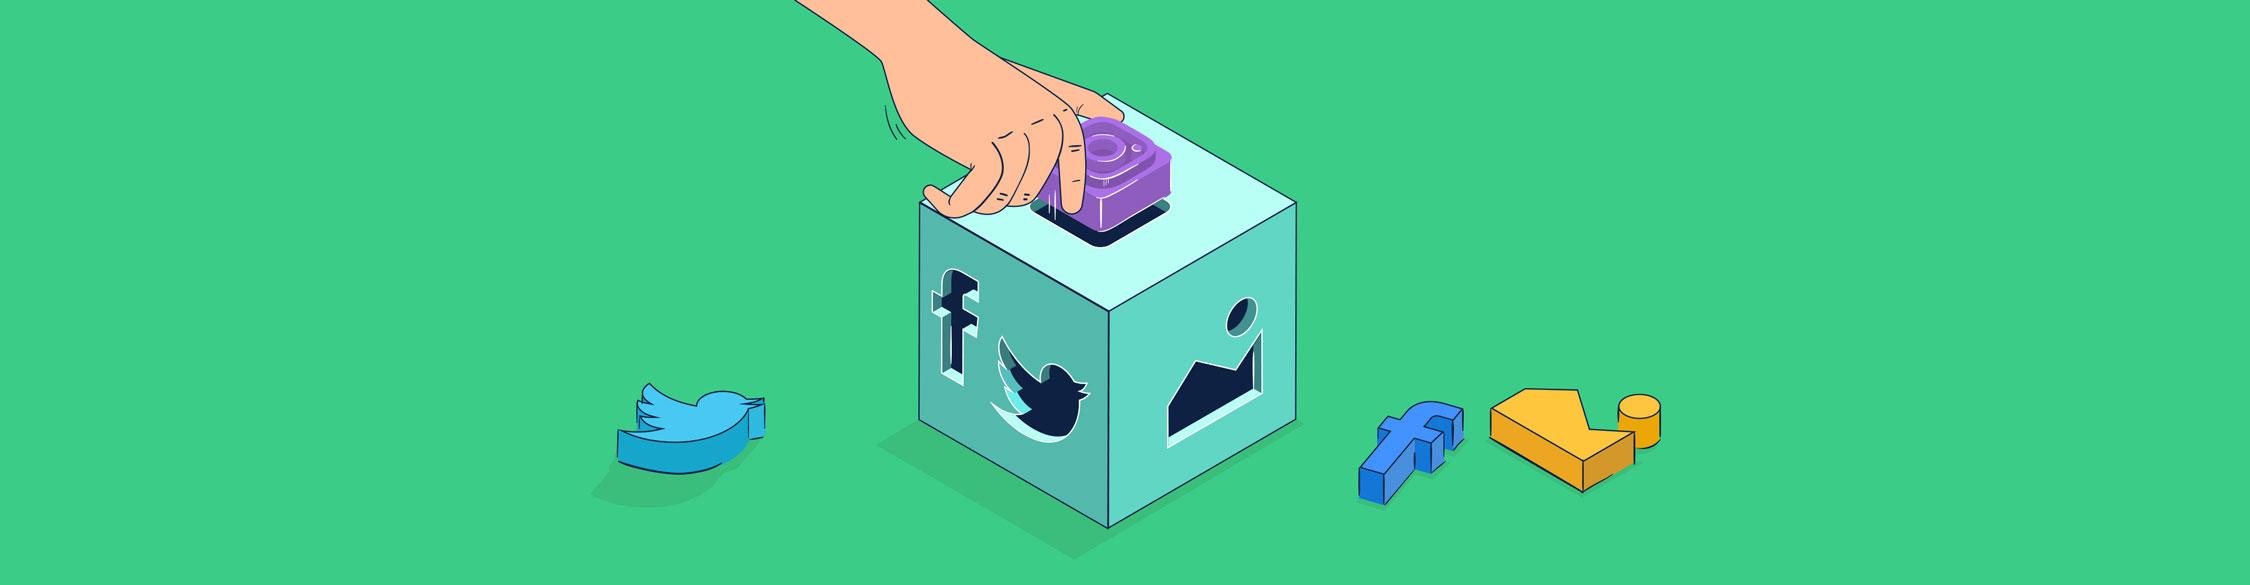 social media content - header